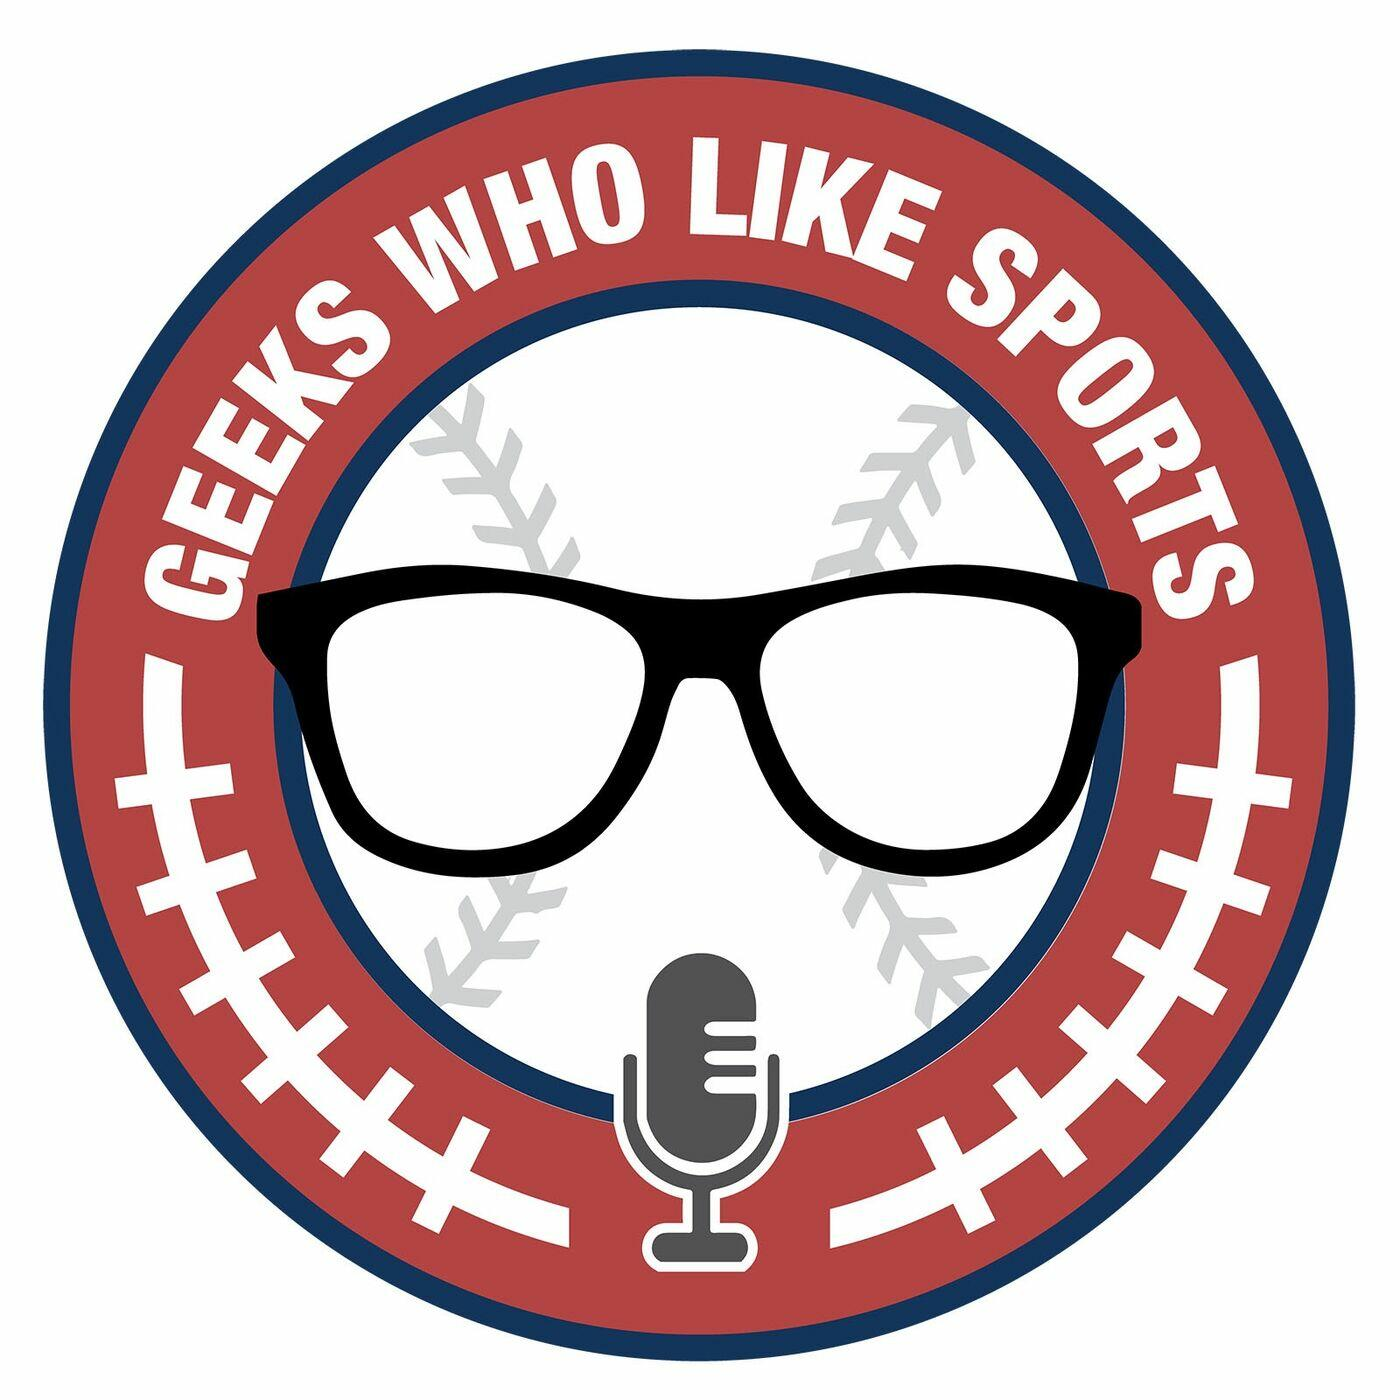 Geeks Who Like Sports